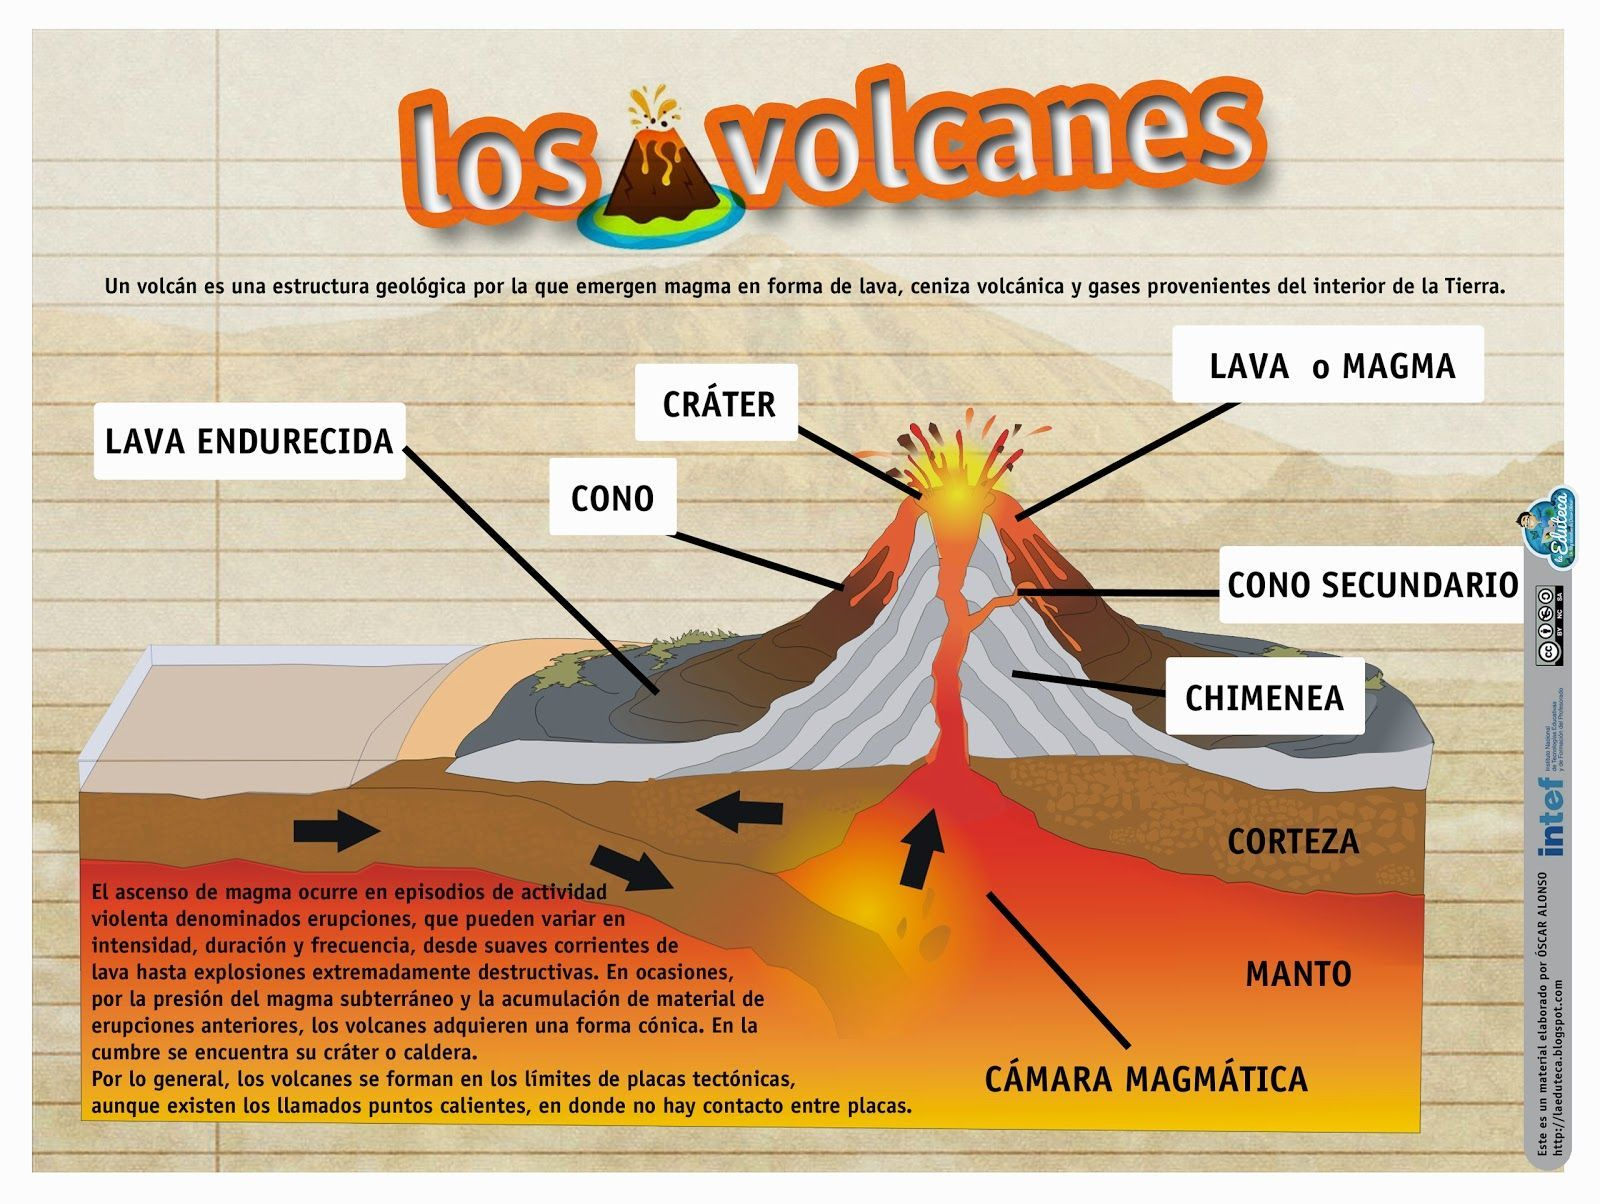 La eduteca recursos primaria esquema sobre los volcanes - Estructura ministerio del interior ...